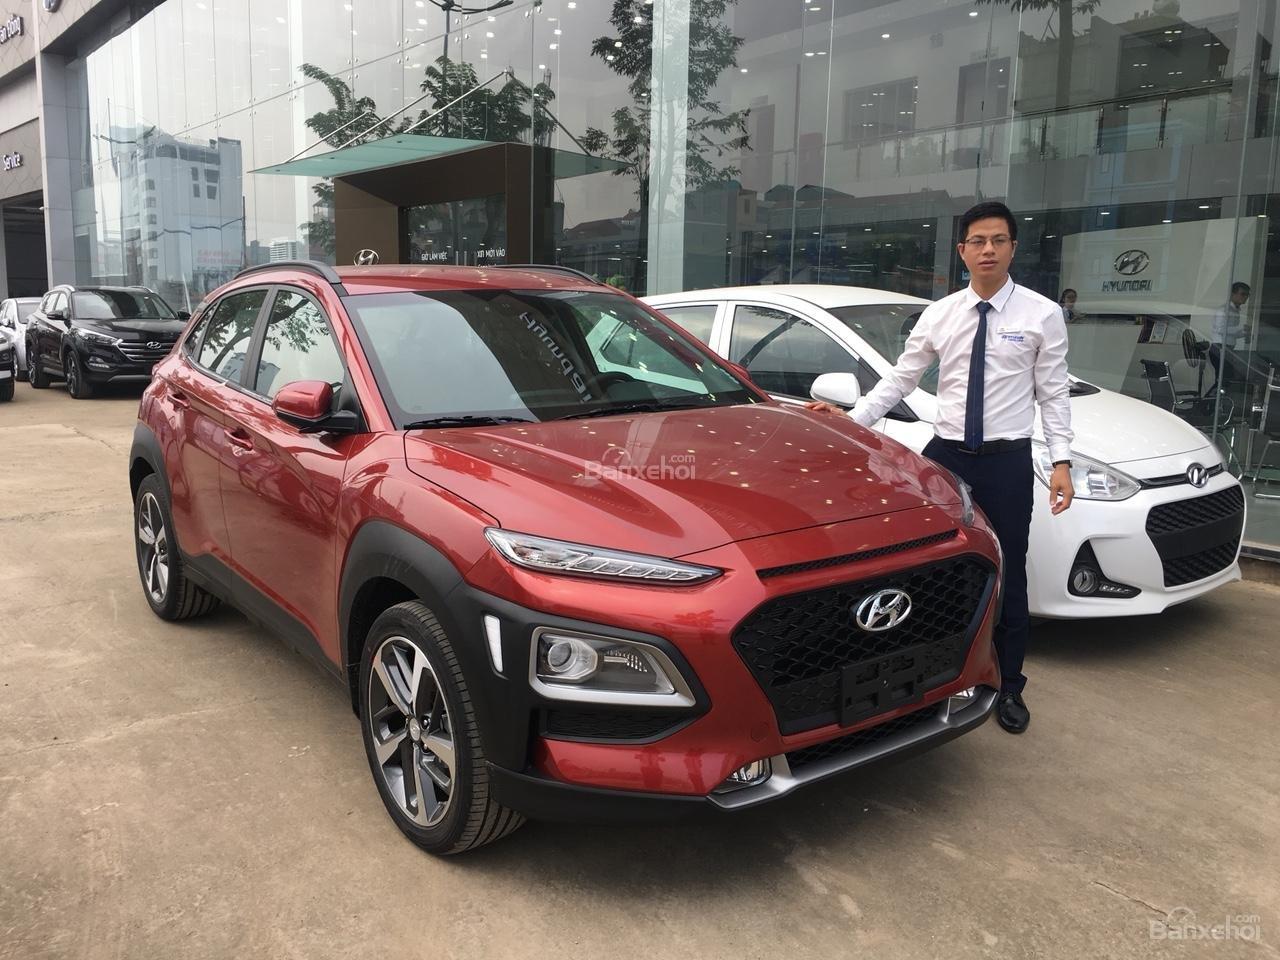 Hyundai Phạm Văn Đồng bán Konna đặc biệt giao ngay đủ màu, giá tốt liên hệ Mr Cảnh 0984 616 689-2